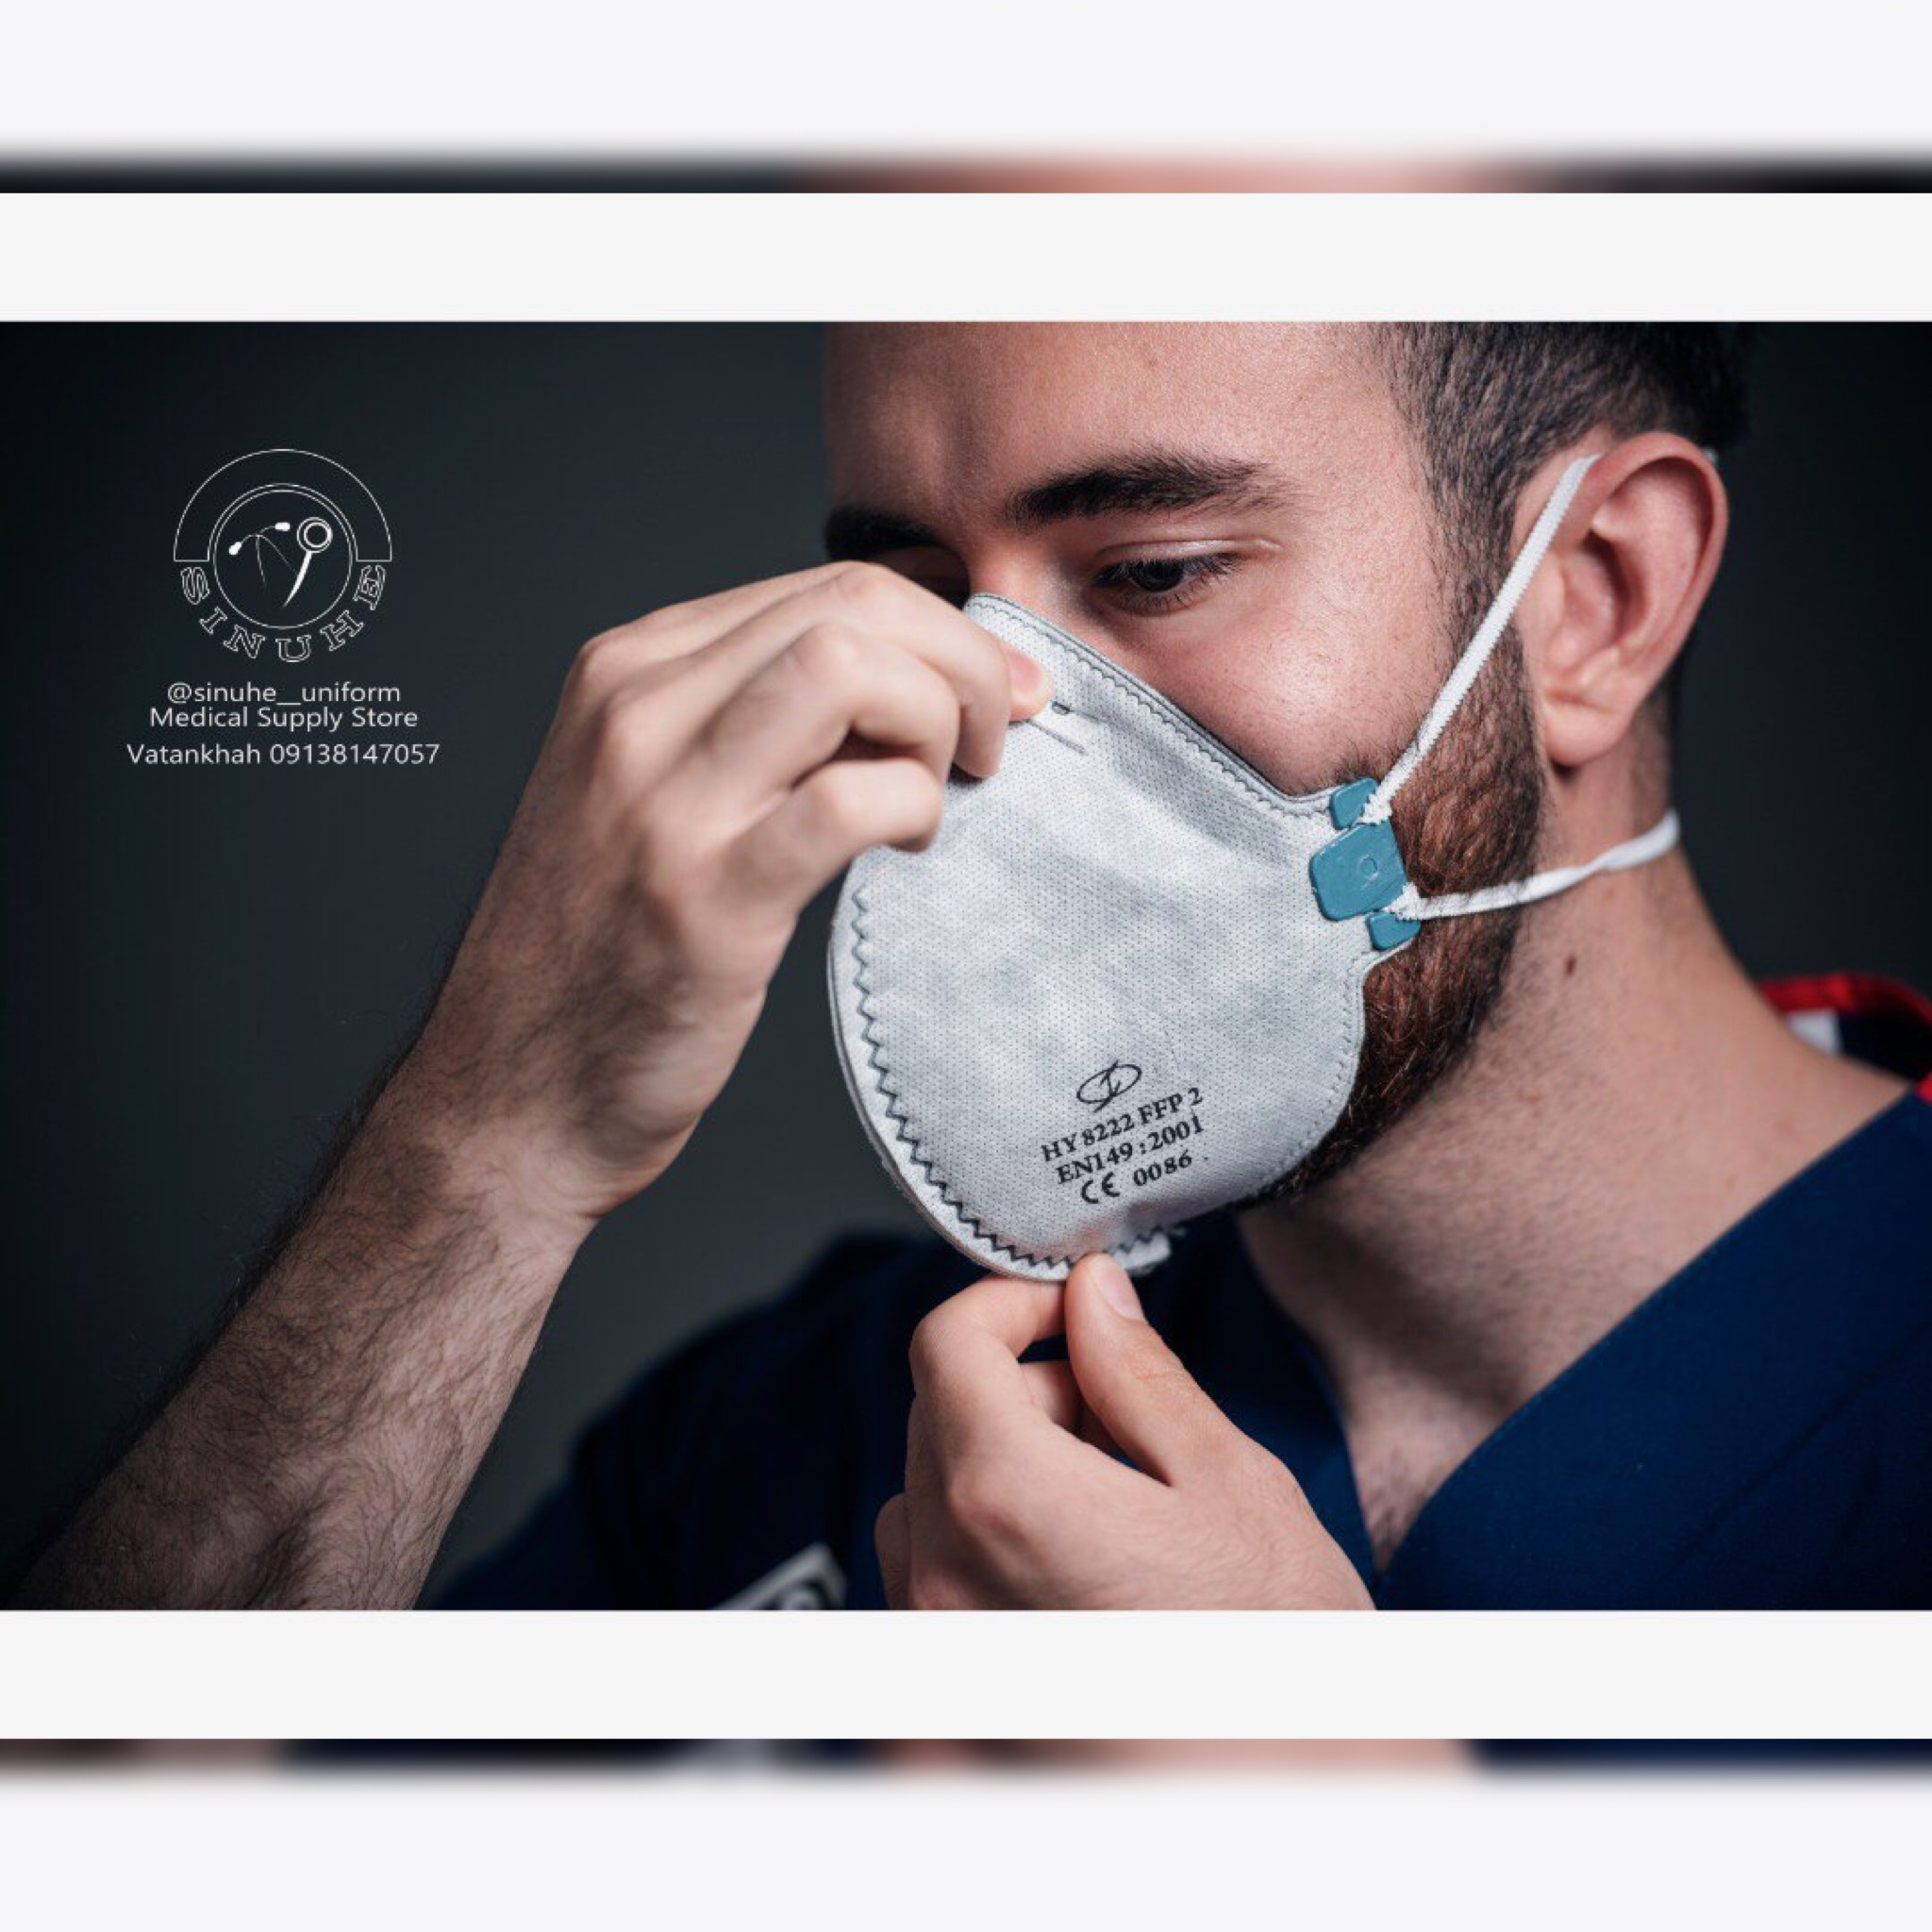 ماسک ffp2 فیلتر دار